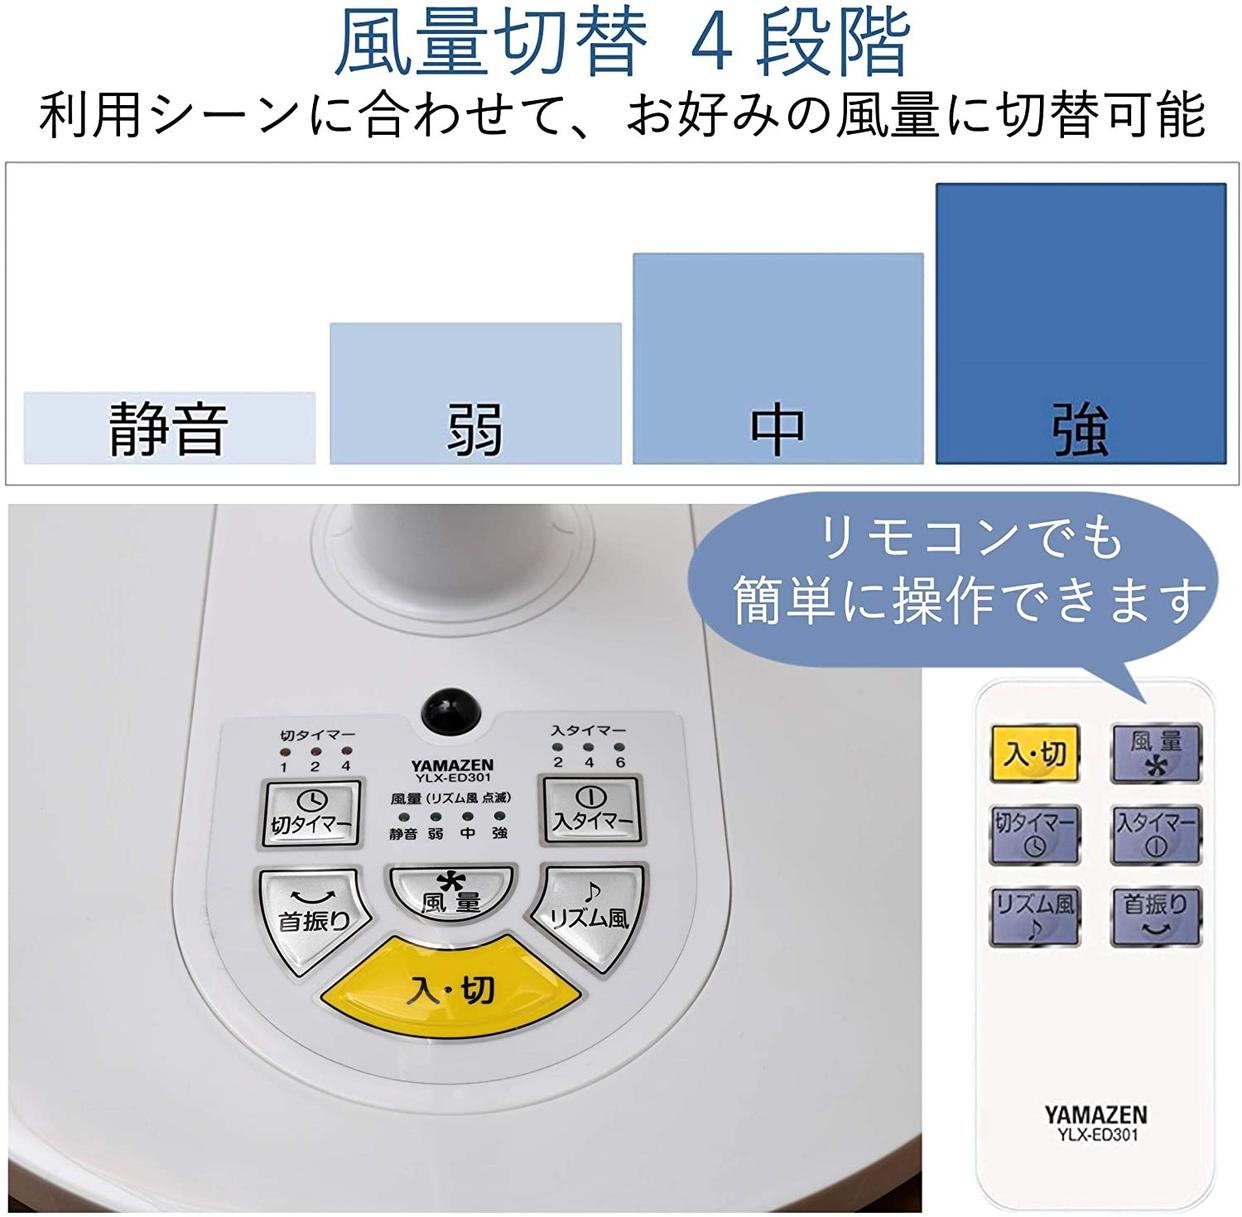 山善(YAMAZEN) リビング扇風機 YLX-ED301の商品画像4